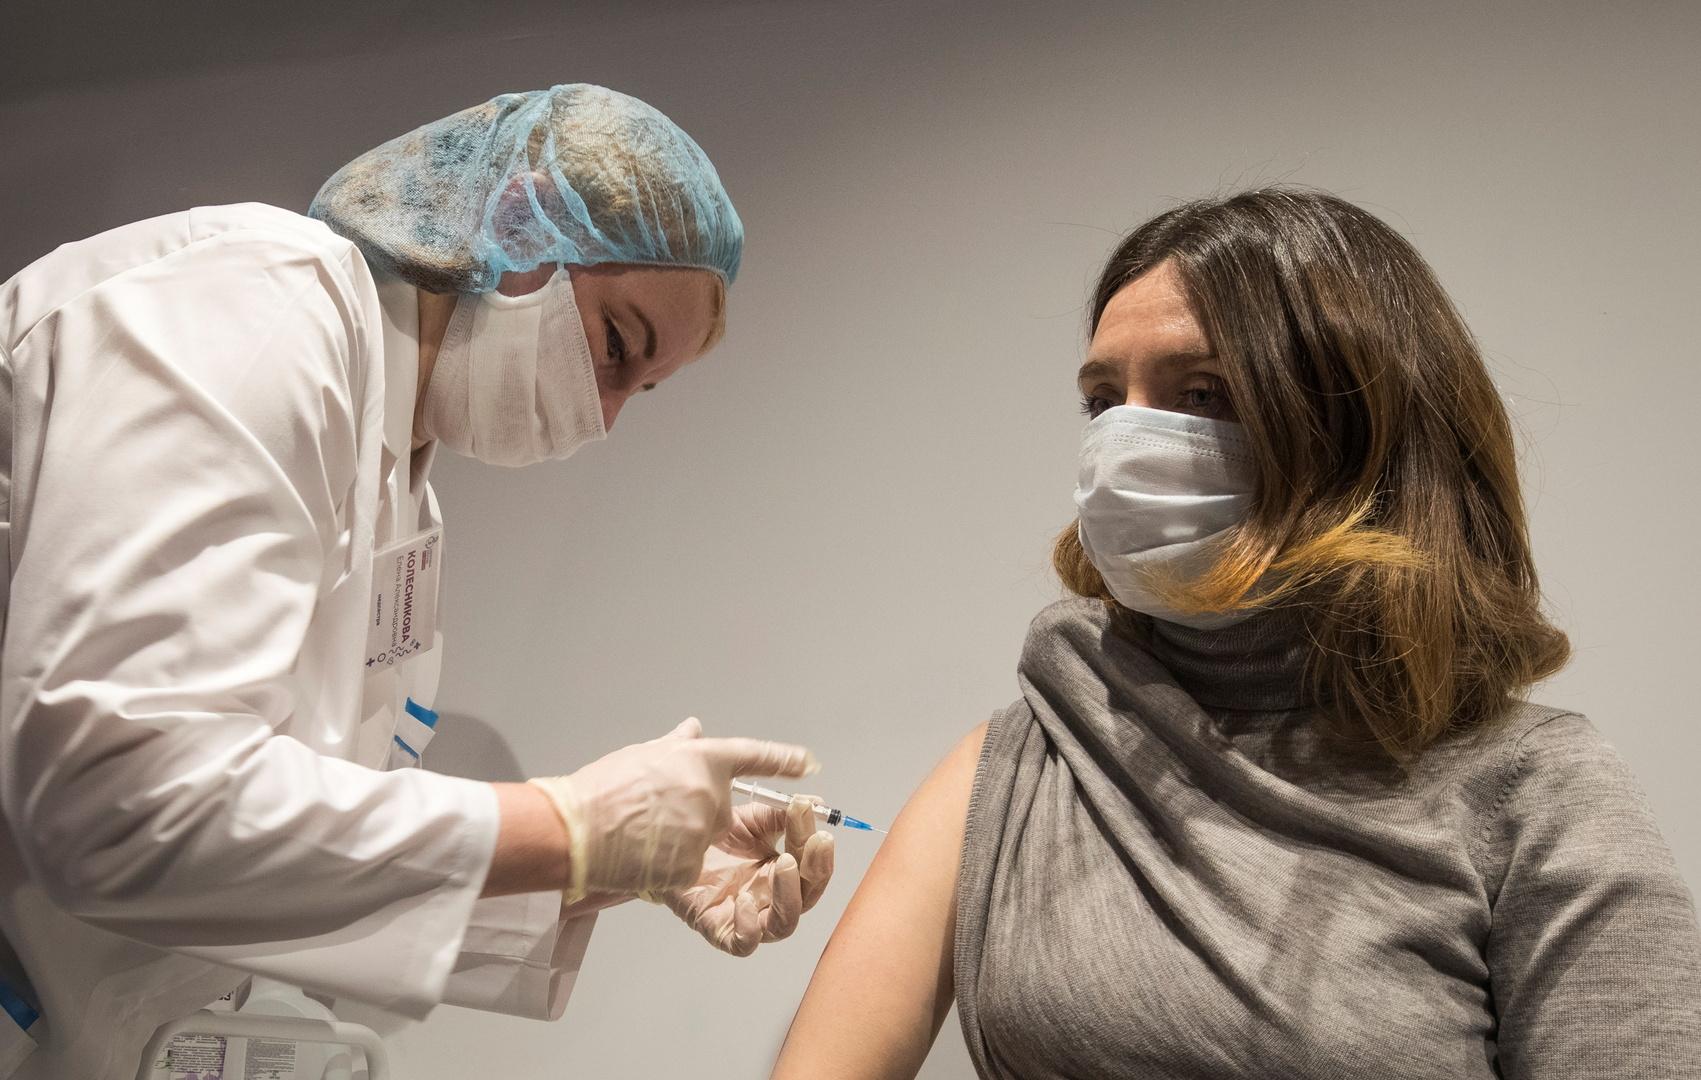 تلقيح أكثر من مليون شخص ضد فيروس كورونا في موسكو